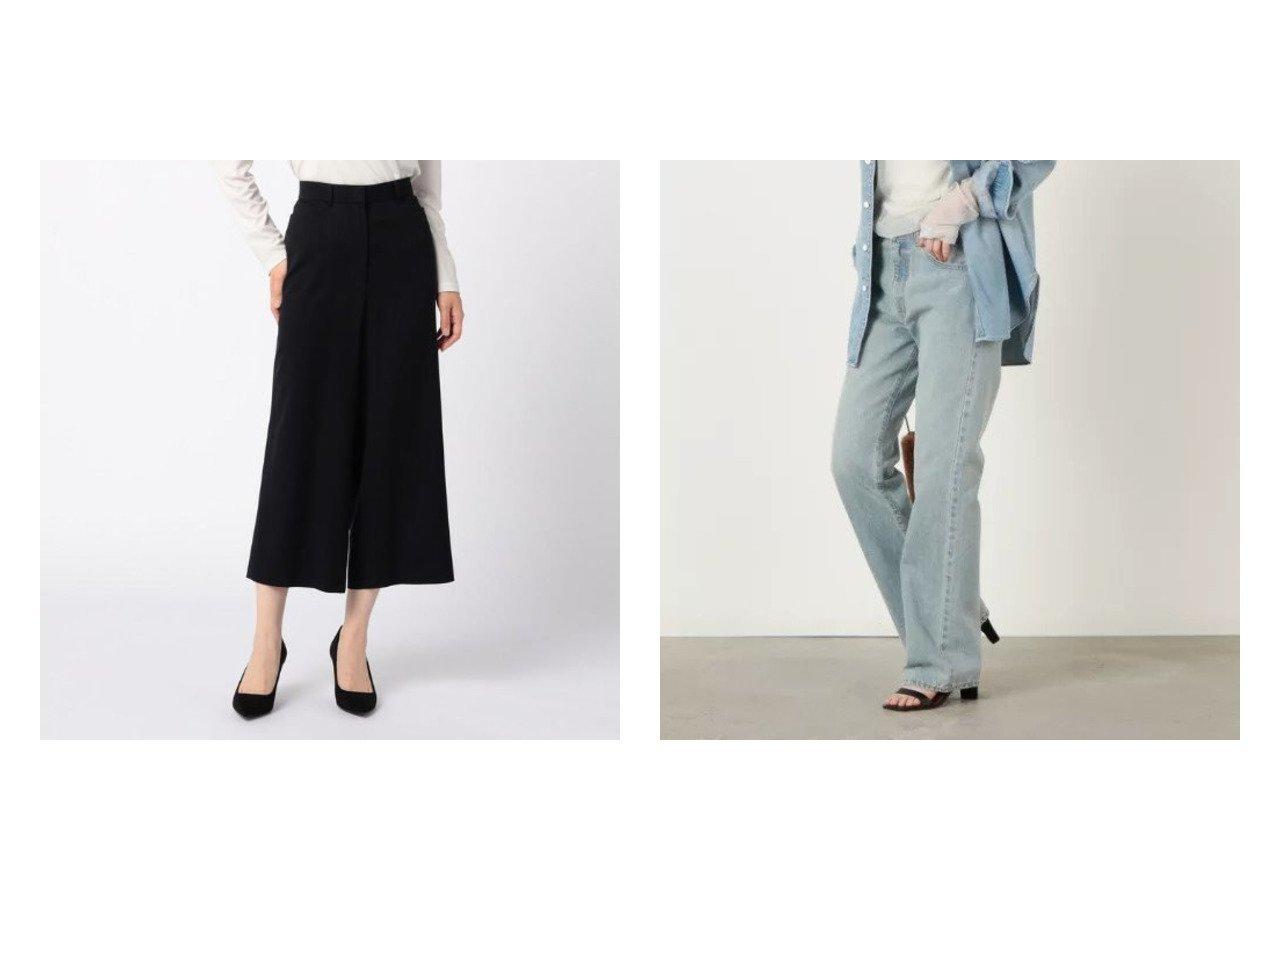 【Rie Miller/リエミラー】の【アティックバイジョンブル】ブーツカットデニムパンツ&【KEITH/キース】の80ナチュラルストレッチ パンツ 【パンツ】おすすめ!人気、トレンド・レディースファッションの通販 おすすめで人気の流行・トレンド、ファッションの通販商品 インテリア・家具・メンズファッション・キッズファッション・レディースファッション・服の通販 founy(ファニー) https://founy.com/ ファッション Fashion レディースファッション WOMEN パンツ Pants デニムパンツ Denim Pants A/W・秋冬 AW・Autumn/Winter・FW・Fall-Winter エレガント ストレッチ ポケット ワイド ヴィンテージ デニム フレア 2021年 2021 2021-2022秋冬・A/W AW・Autumn/Winter・FW・Fall-Winter・2021-2022 おすすめ Recommend 日本製 Made in Japan |ID:crp329100000068998